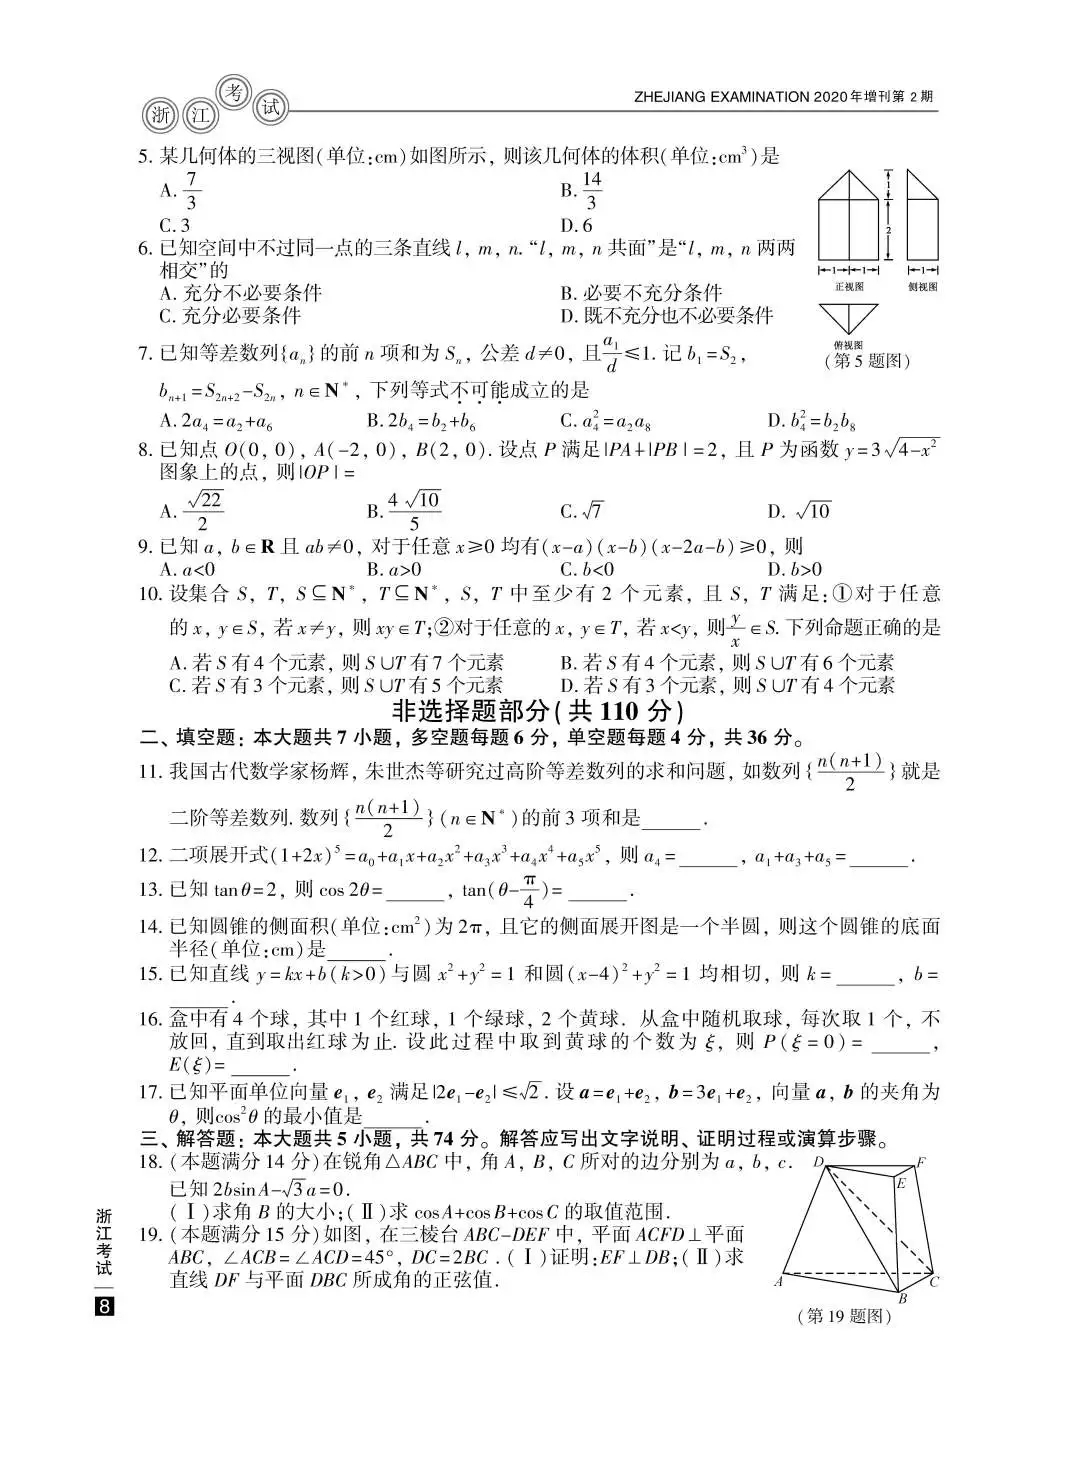 2020浙江高考数学真题试卷(7月试题图片版含答案)2